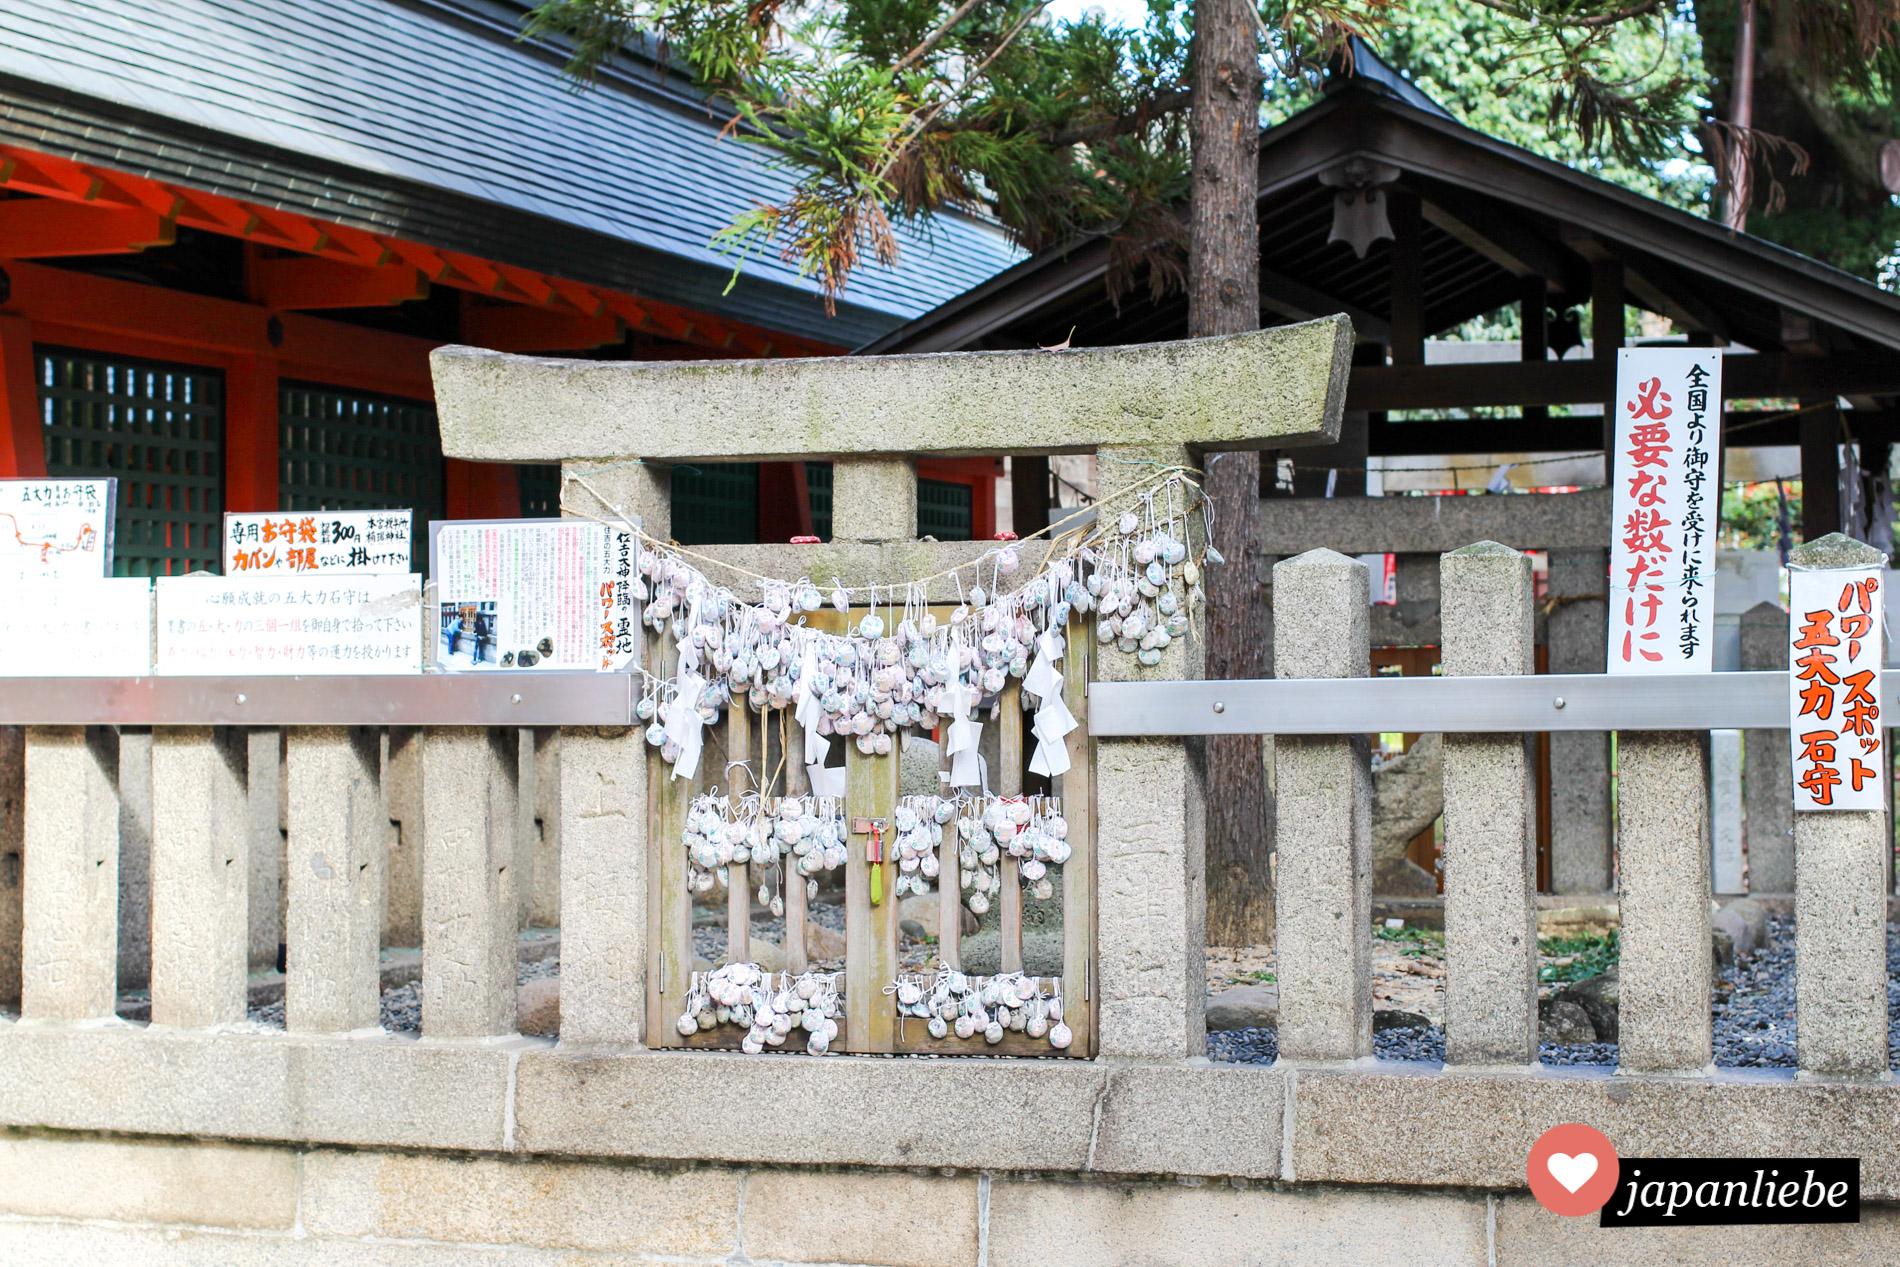 Der Power Spot (Kraftort) des Sumiyoshi Taisha Schreins ins Ōsaka: Goshogozen.